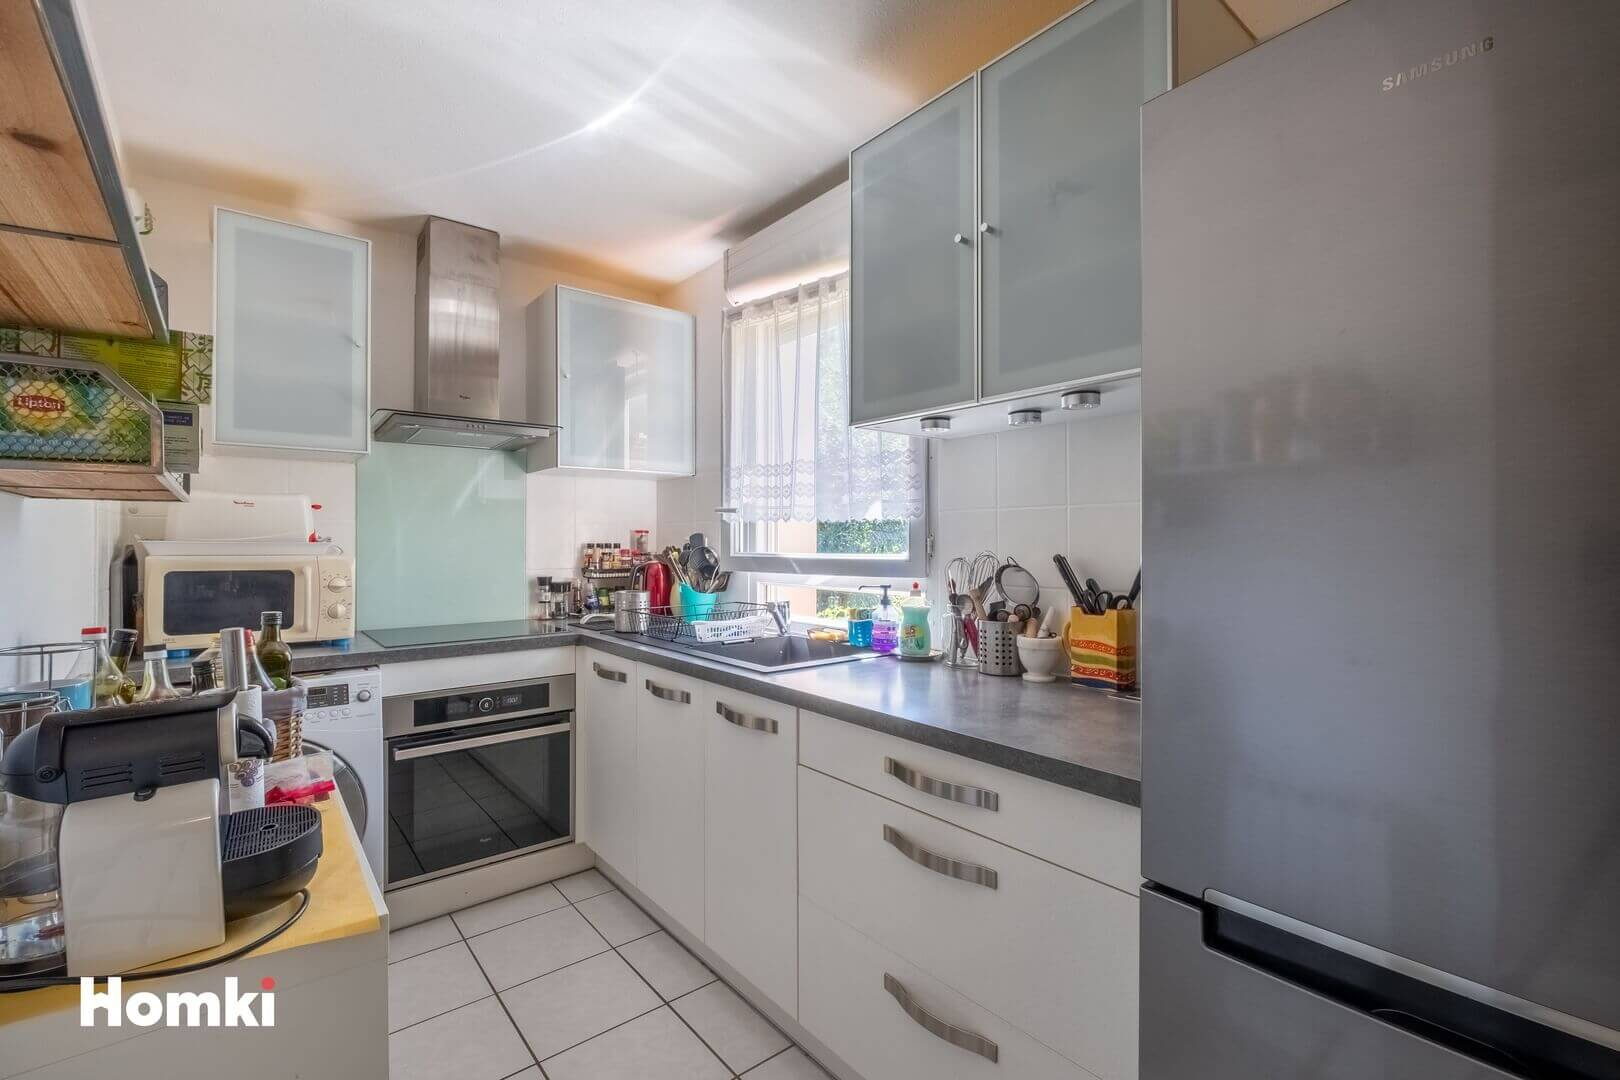 Homki - Vente Appartement  de 54.3 m² à Toulouse 31200